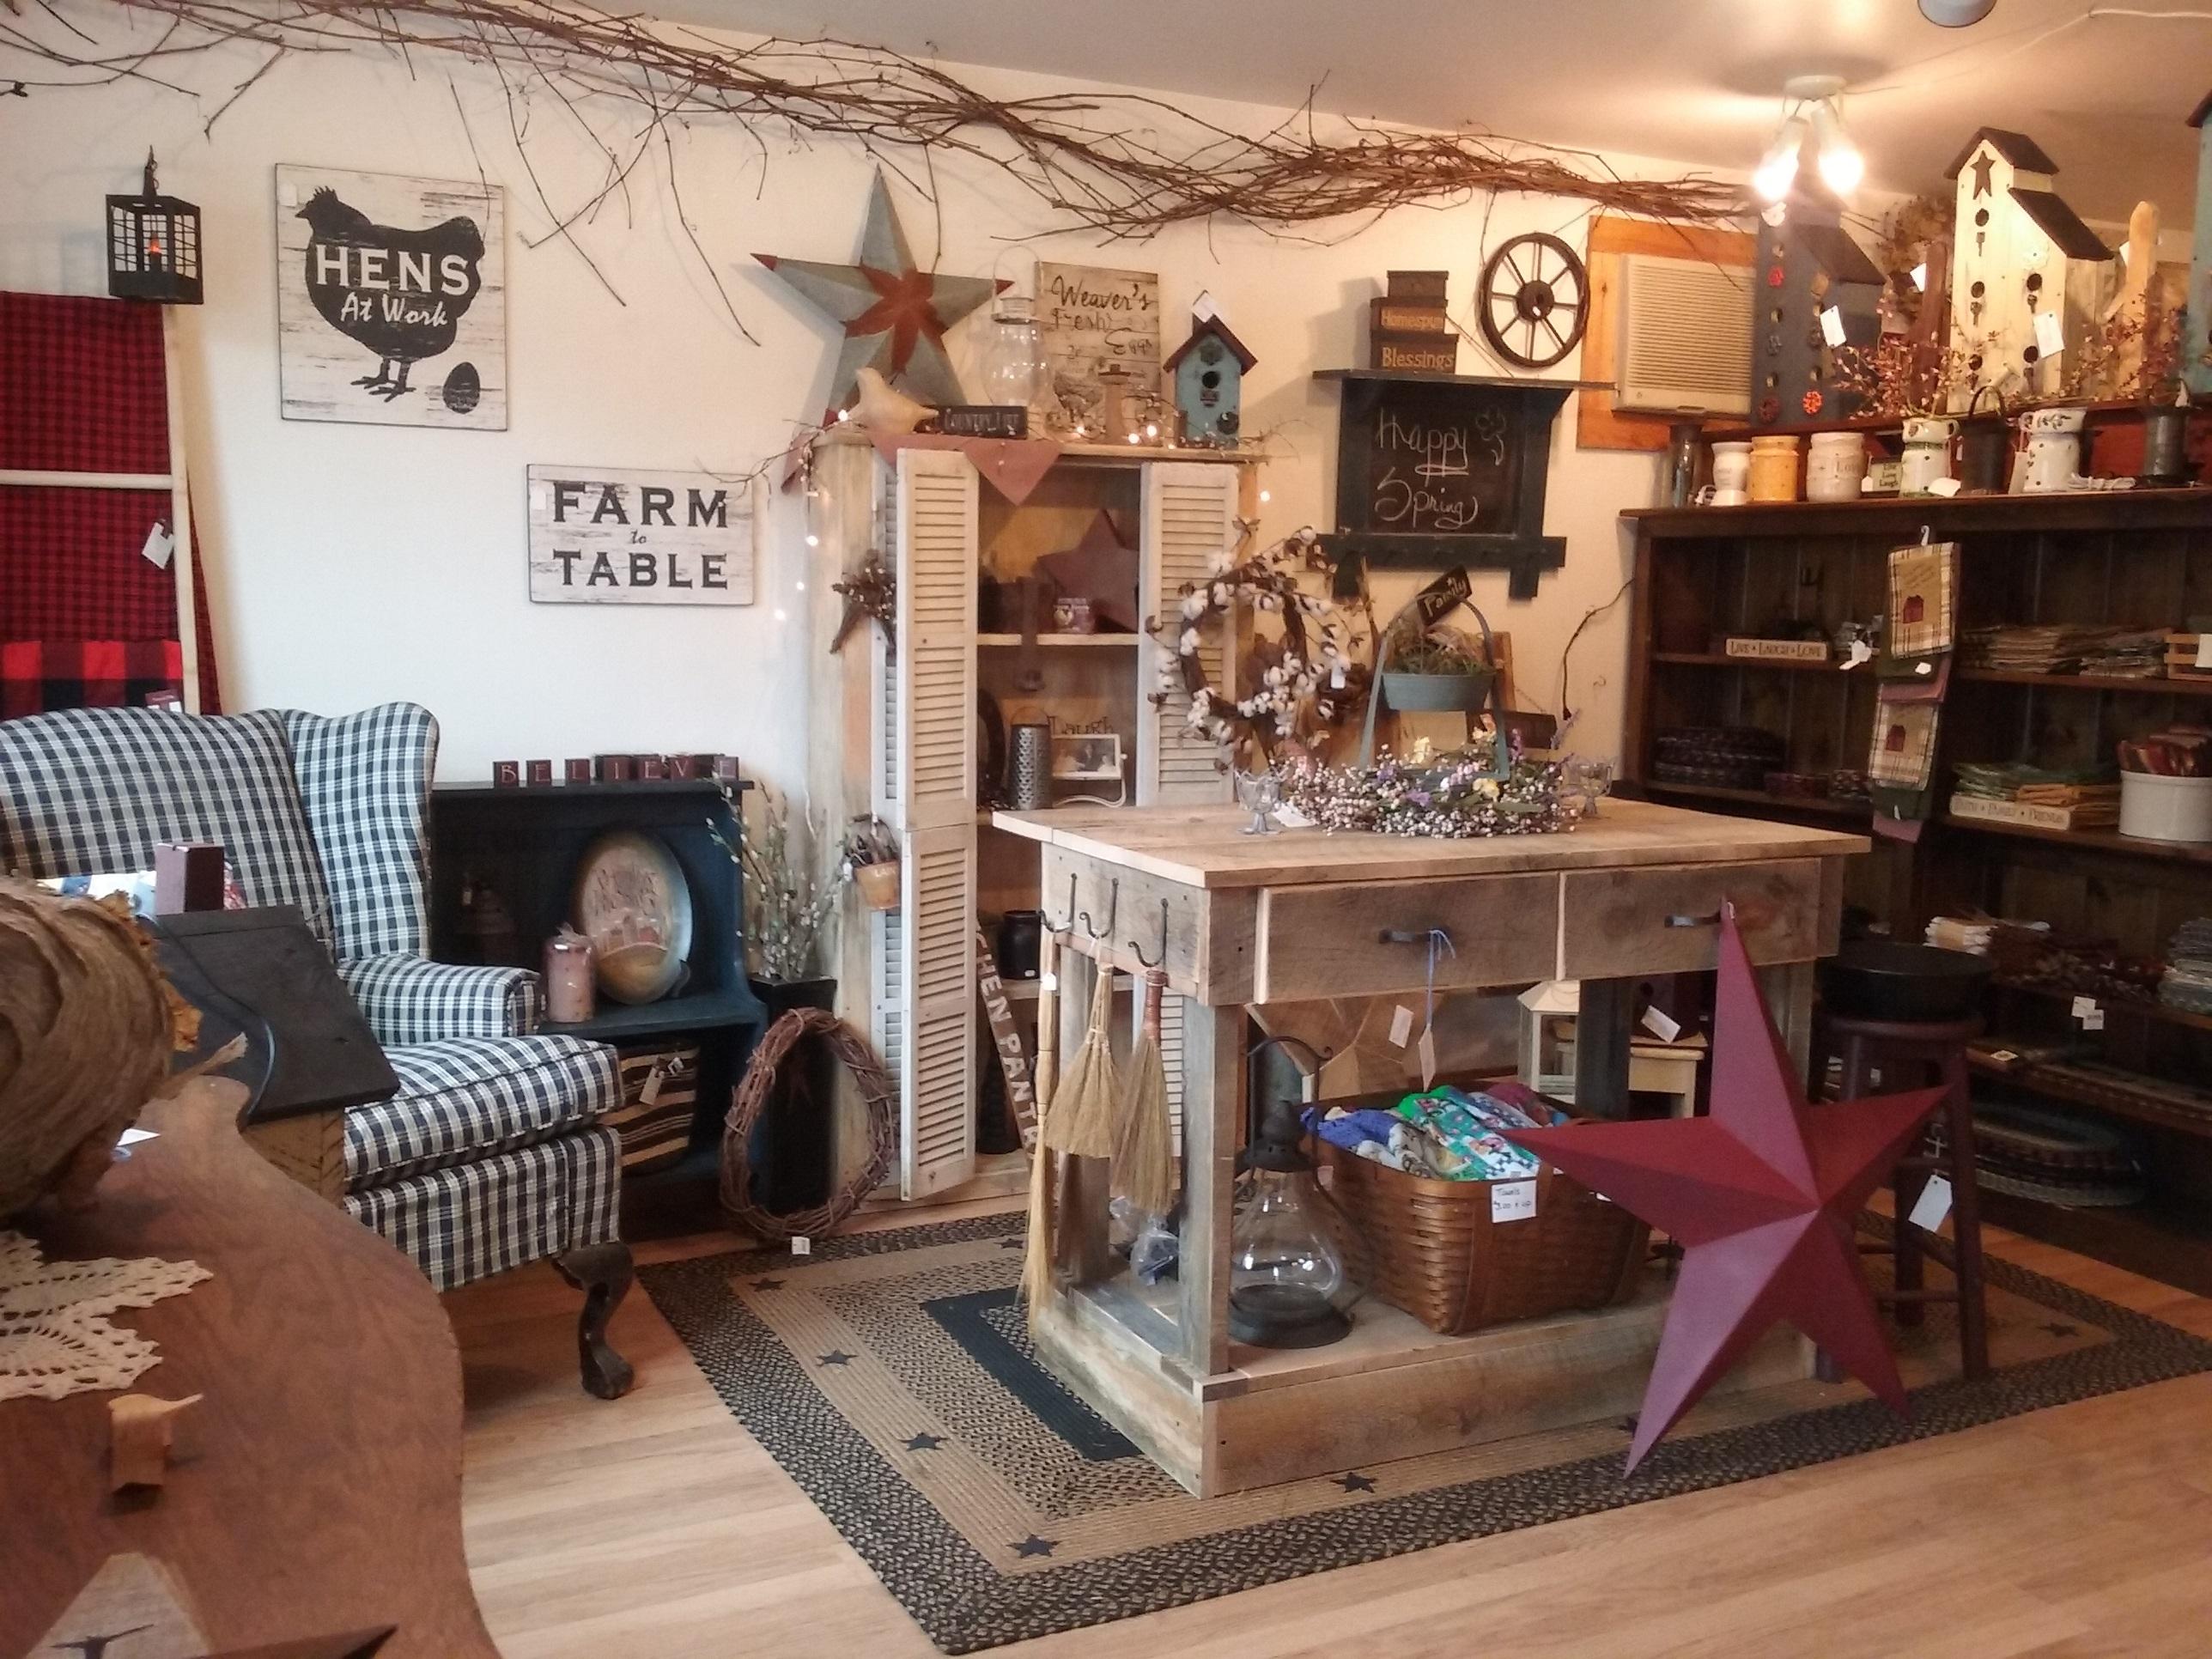 Patchwork Plus – Primitive & Farmhouse Home Decor and Gift Shop